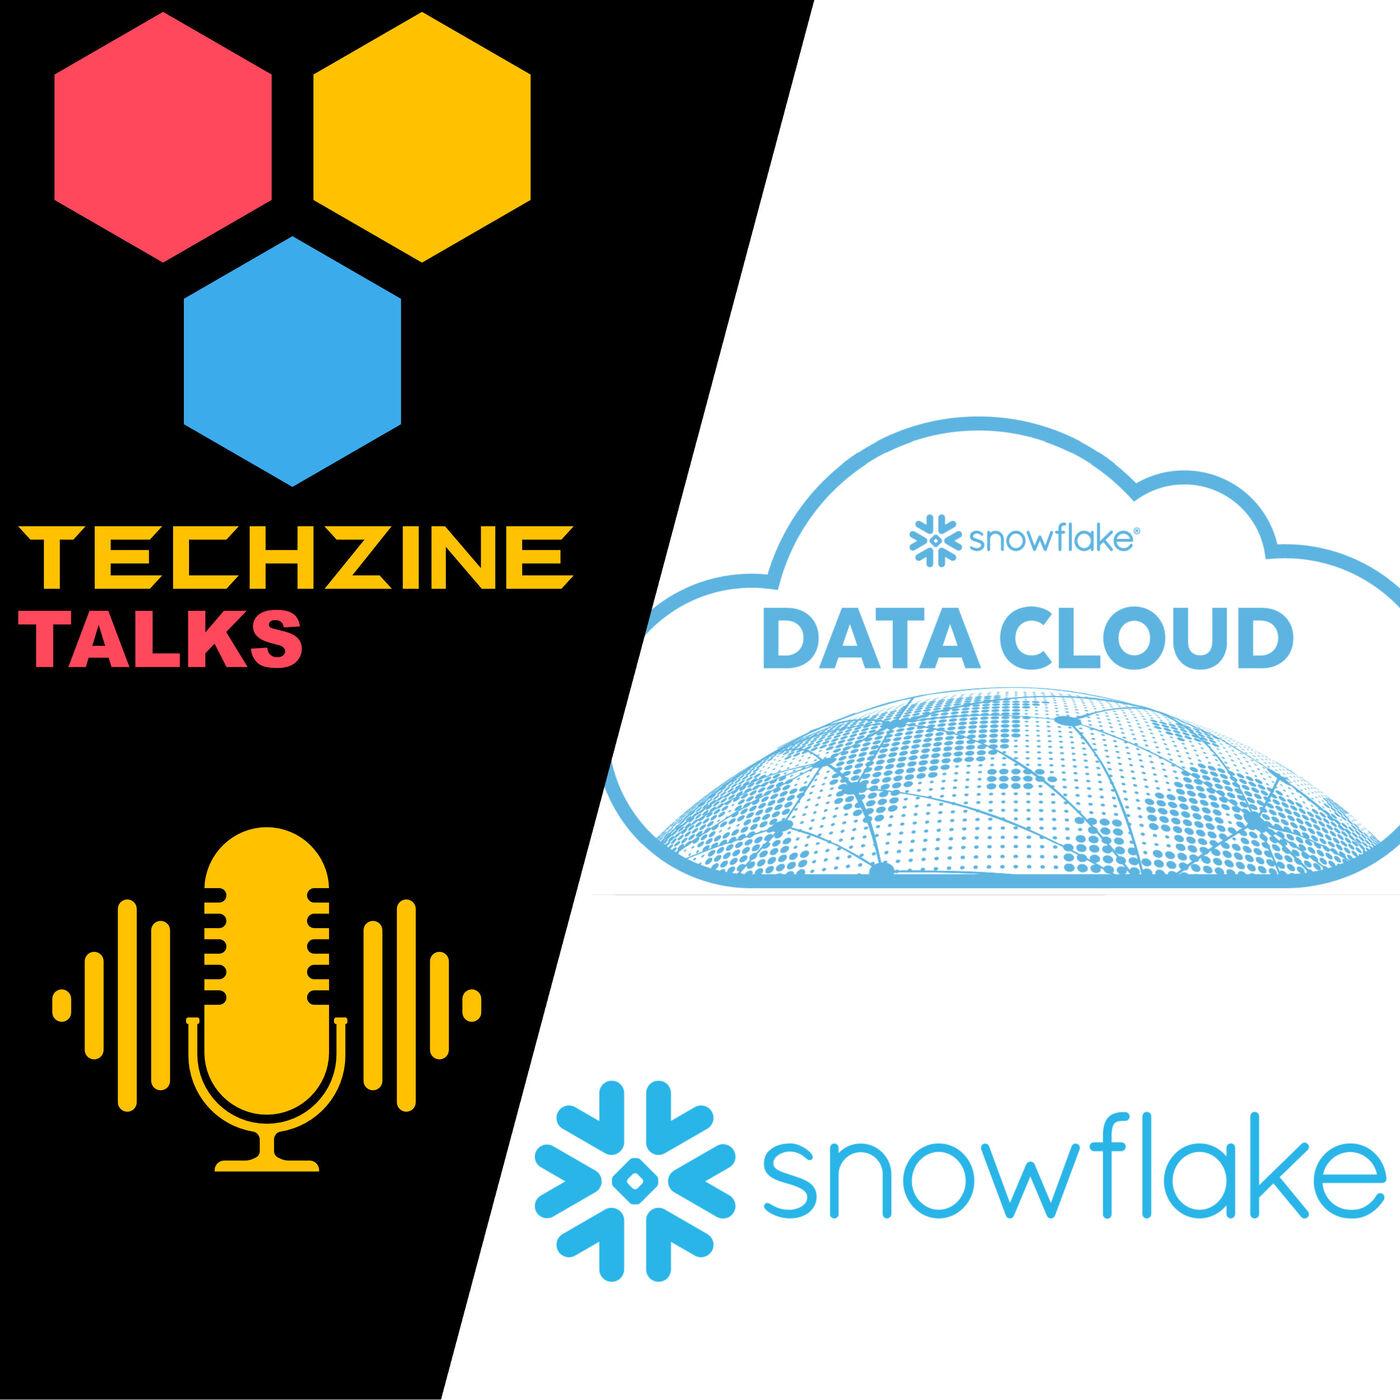 Snowflake - Is dat een nieuw data warehouse?